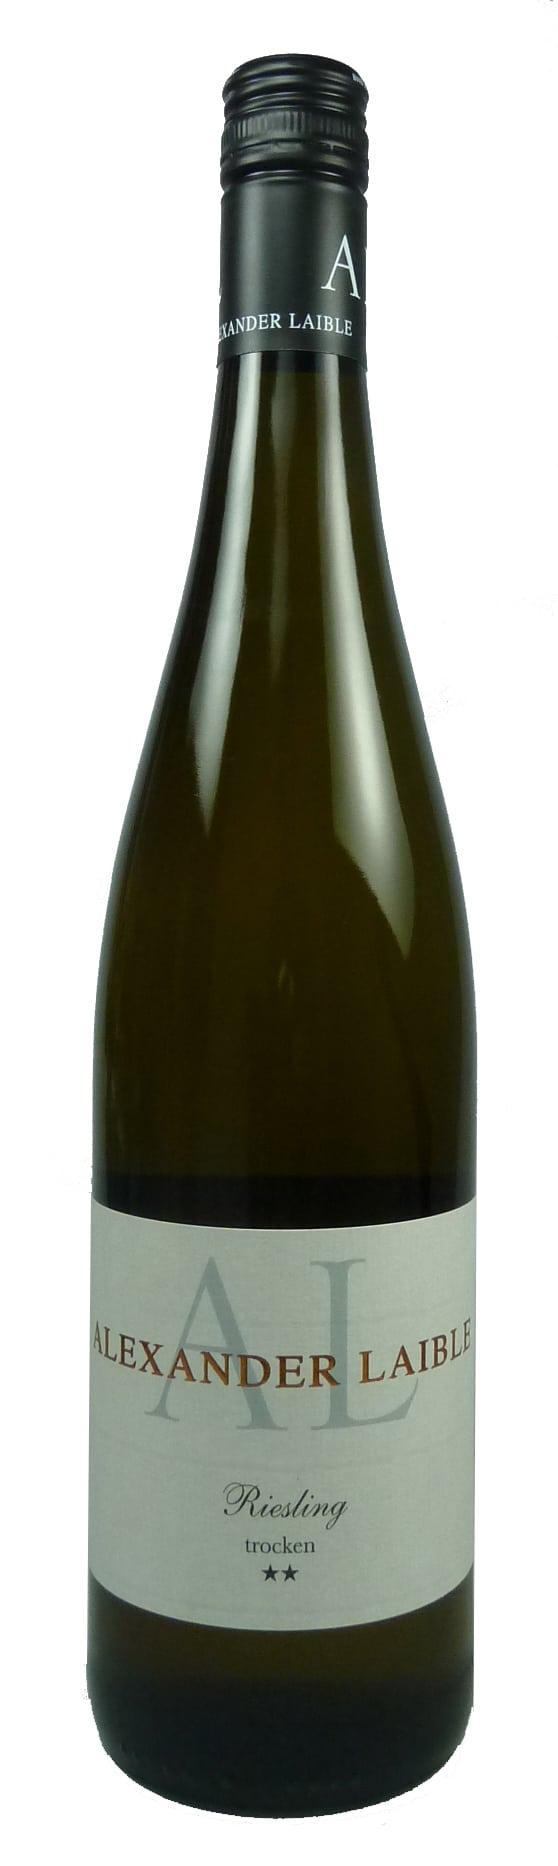 Riesling ** Qualitätswein trocken 2016